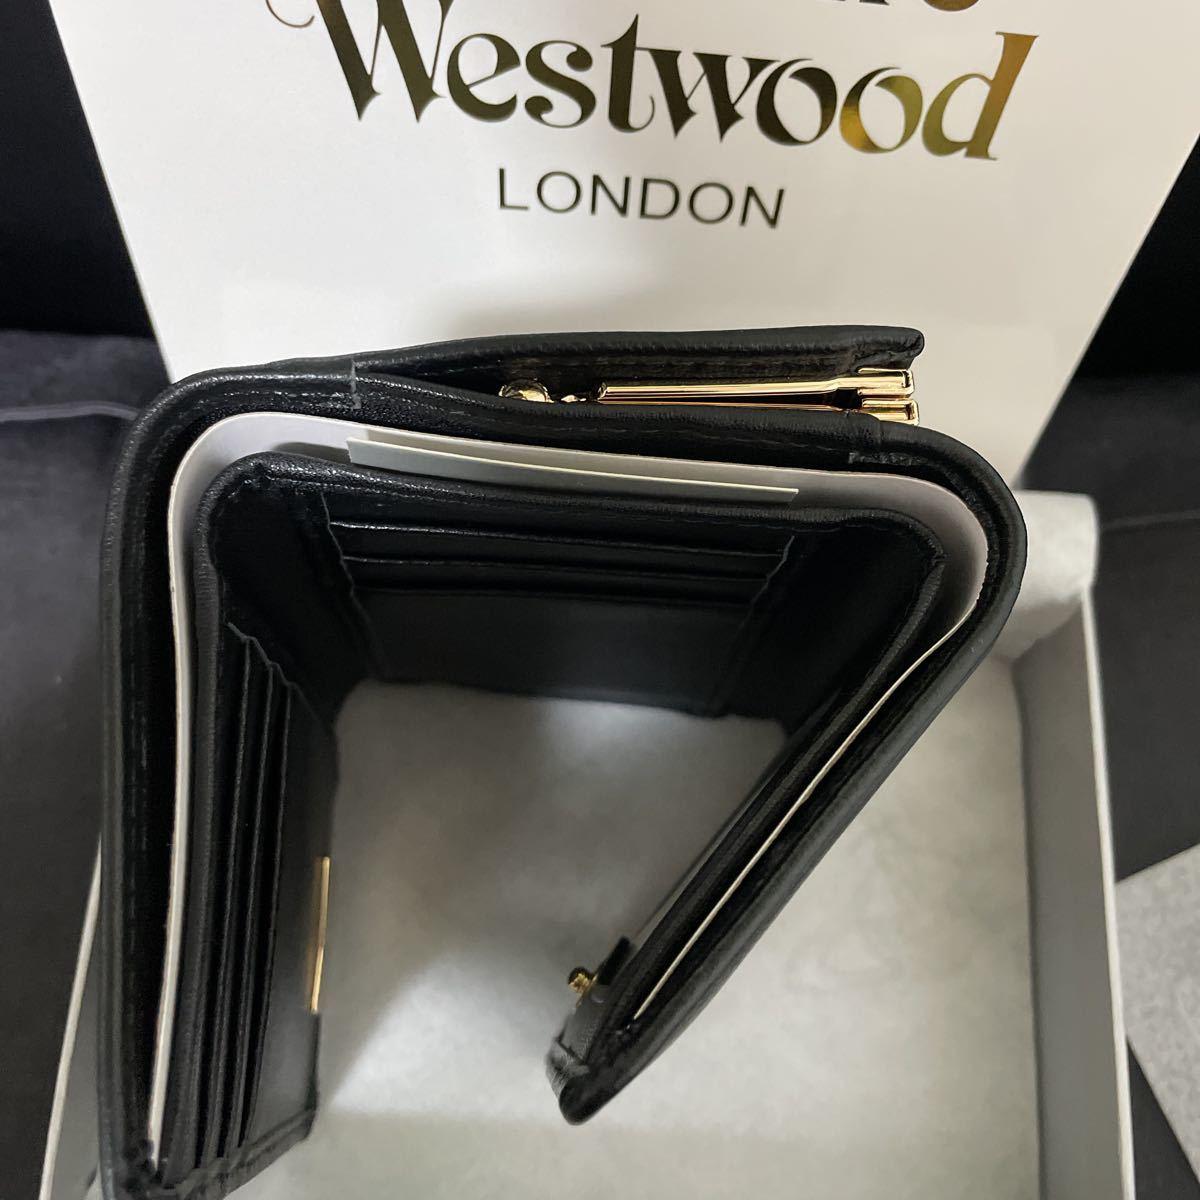 ヴィヴィアンウエストウッド Vivienne Westwood 三つ折り財布 財布 ブラック ミニ財布 純正箱付き